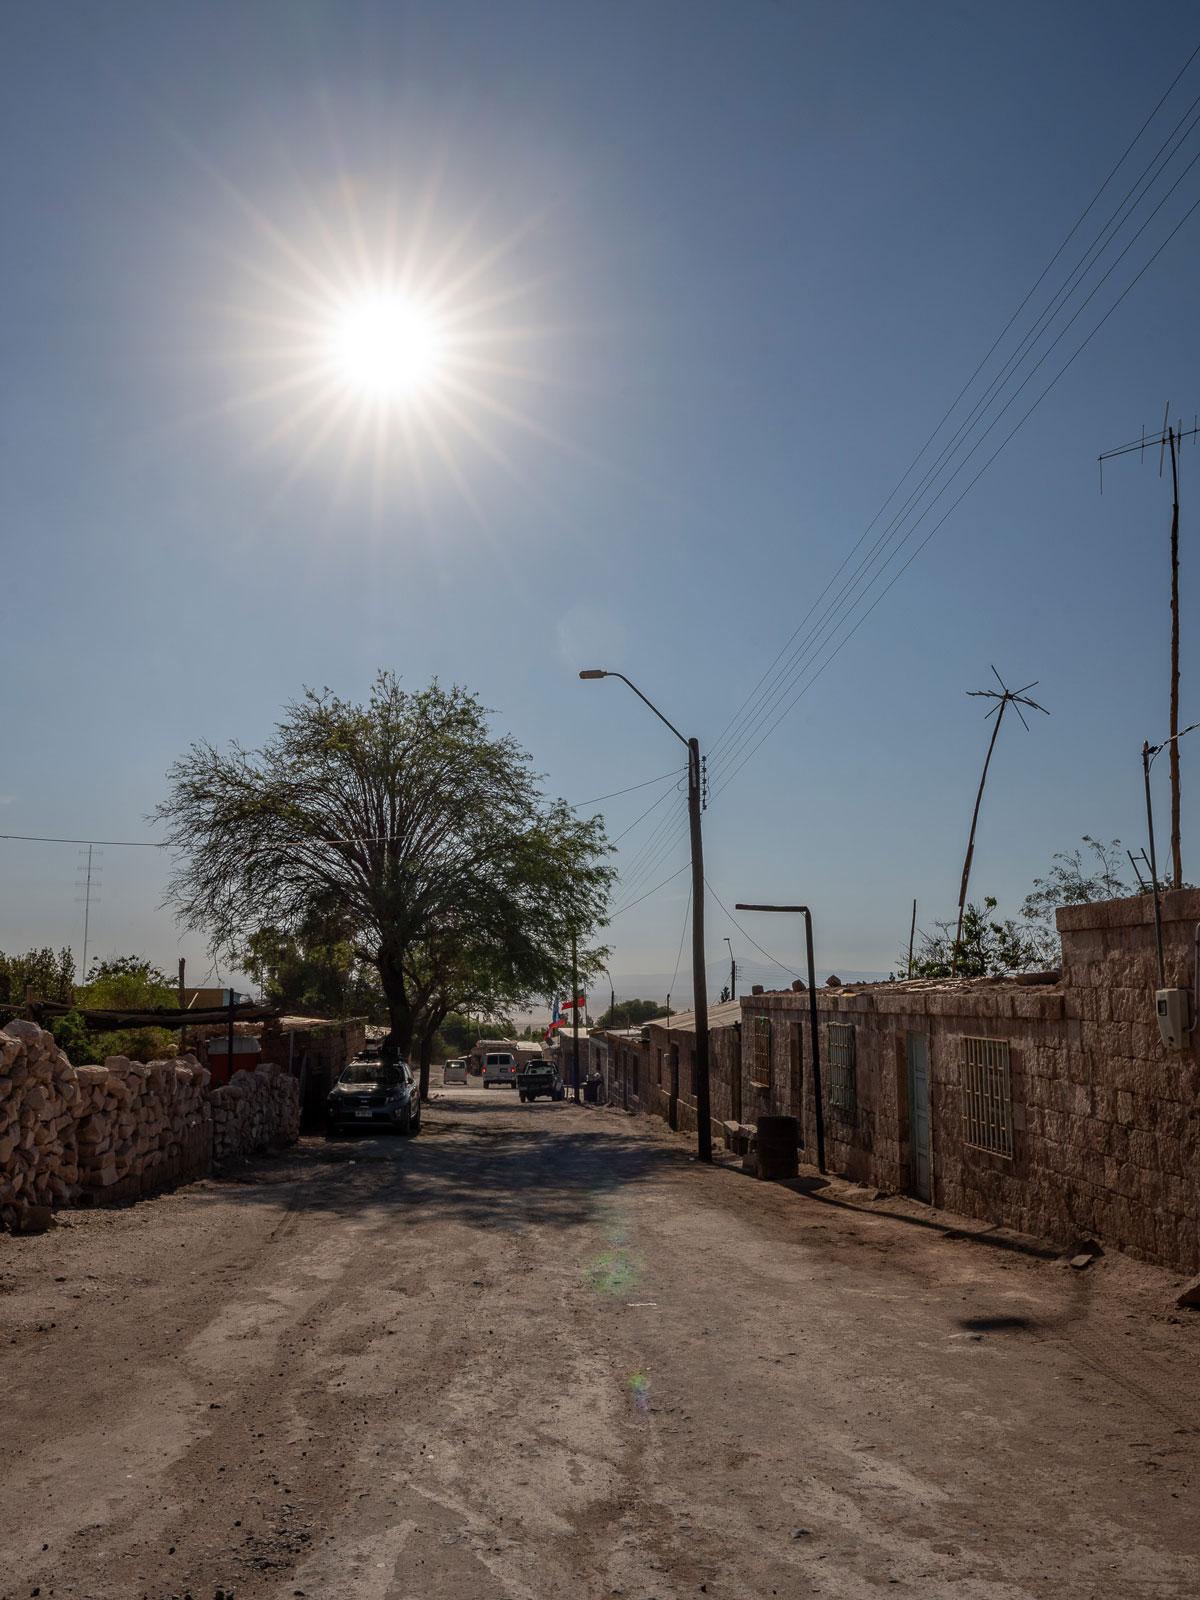 Toconao Dorf Atacama Wüste